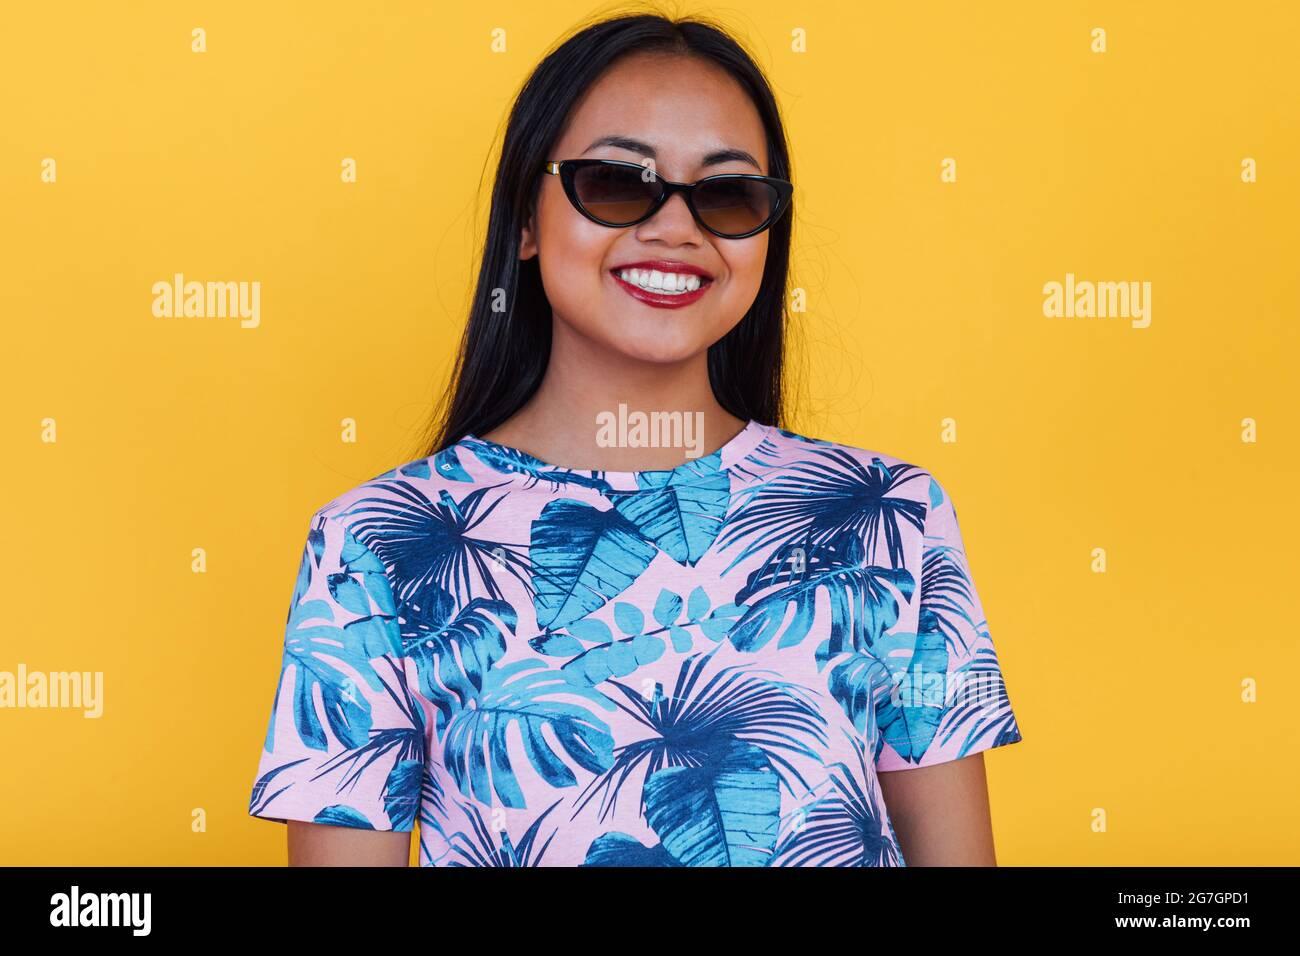 Happy Asian femme dans des lunettes de soleil élégantes et t-shirt avec imprimé feuilles tropicales regardant l'appareil photo sur fond jaune dans le studio Banque D'Images